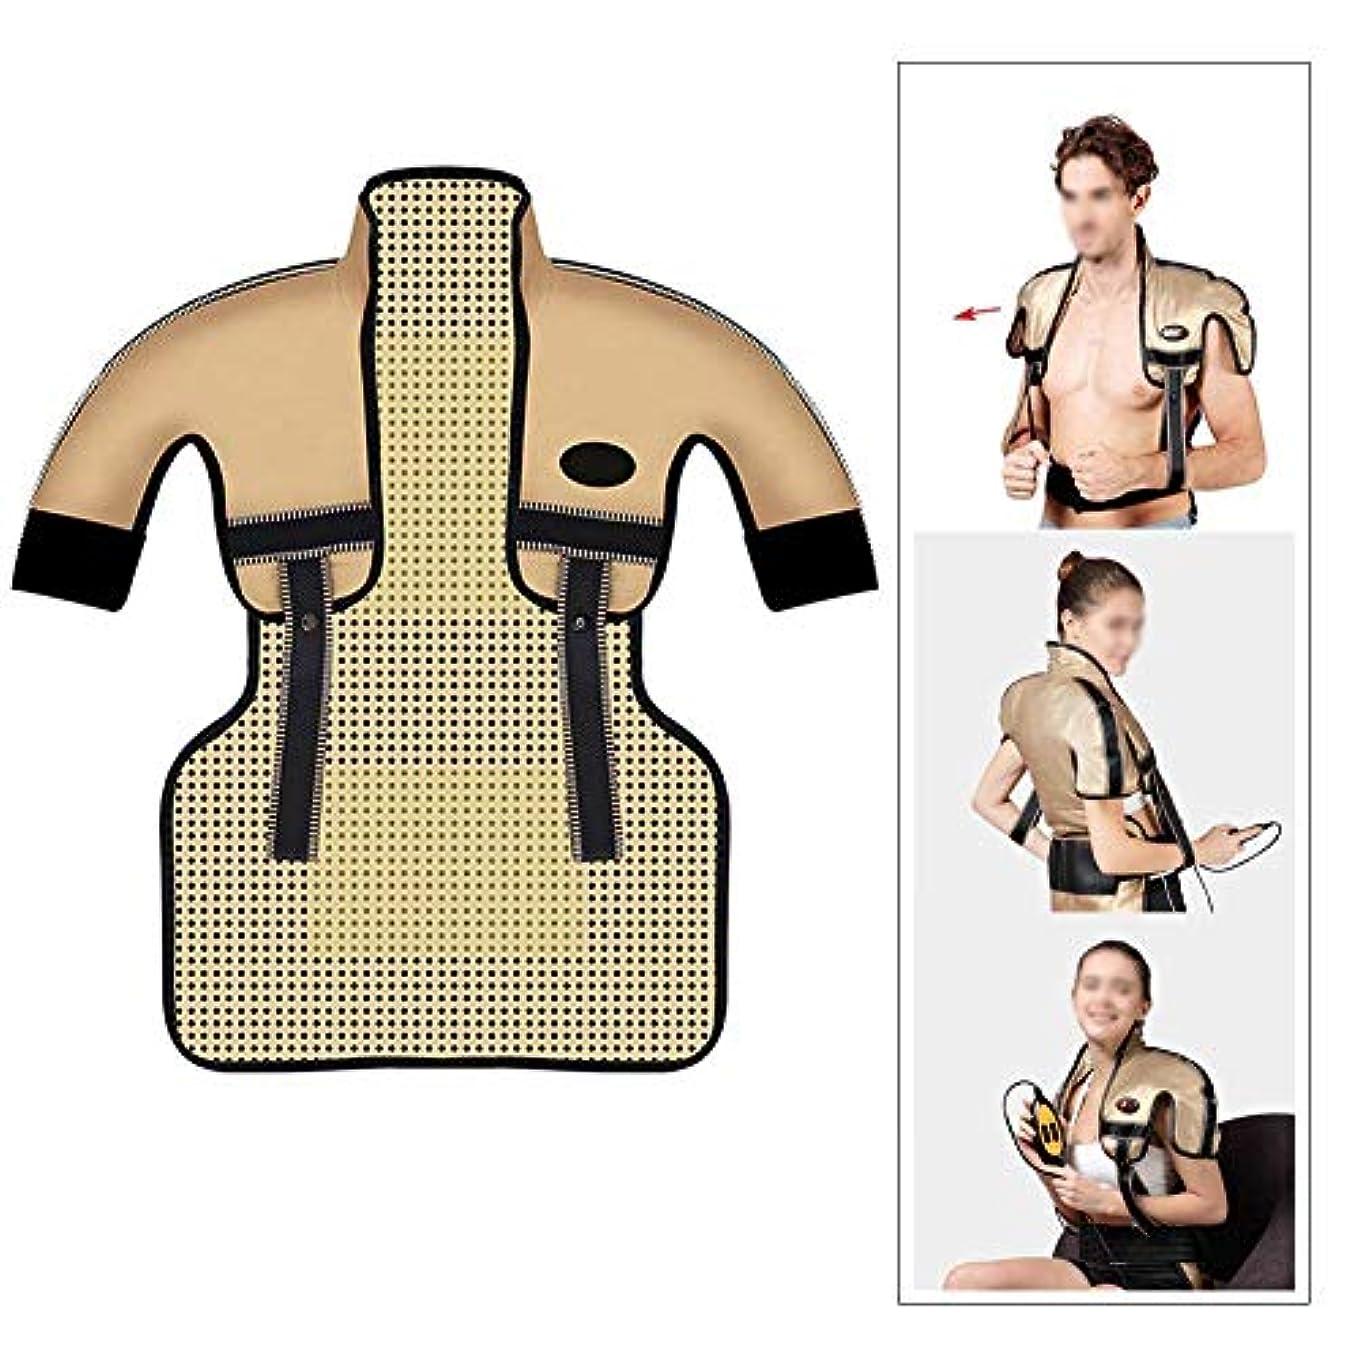 くびれた慣らす八百屋さん肩と首の電気加熱パッド - 混練加熱、痛みを和らげるヒートパッド、医療用品マッサージベスト(肩幅用:35-50CM)